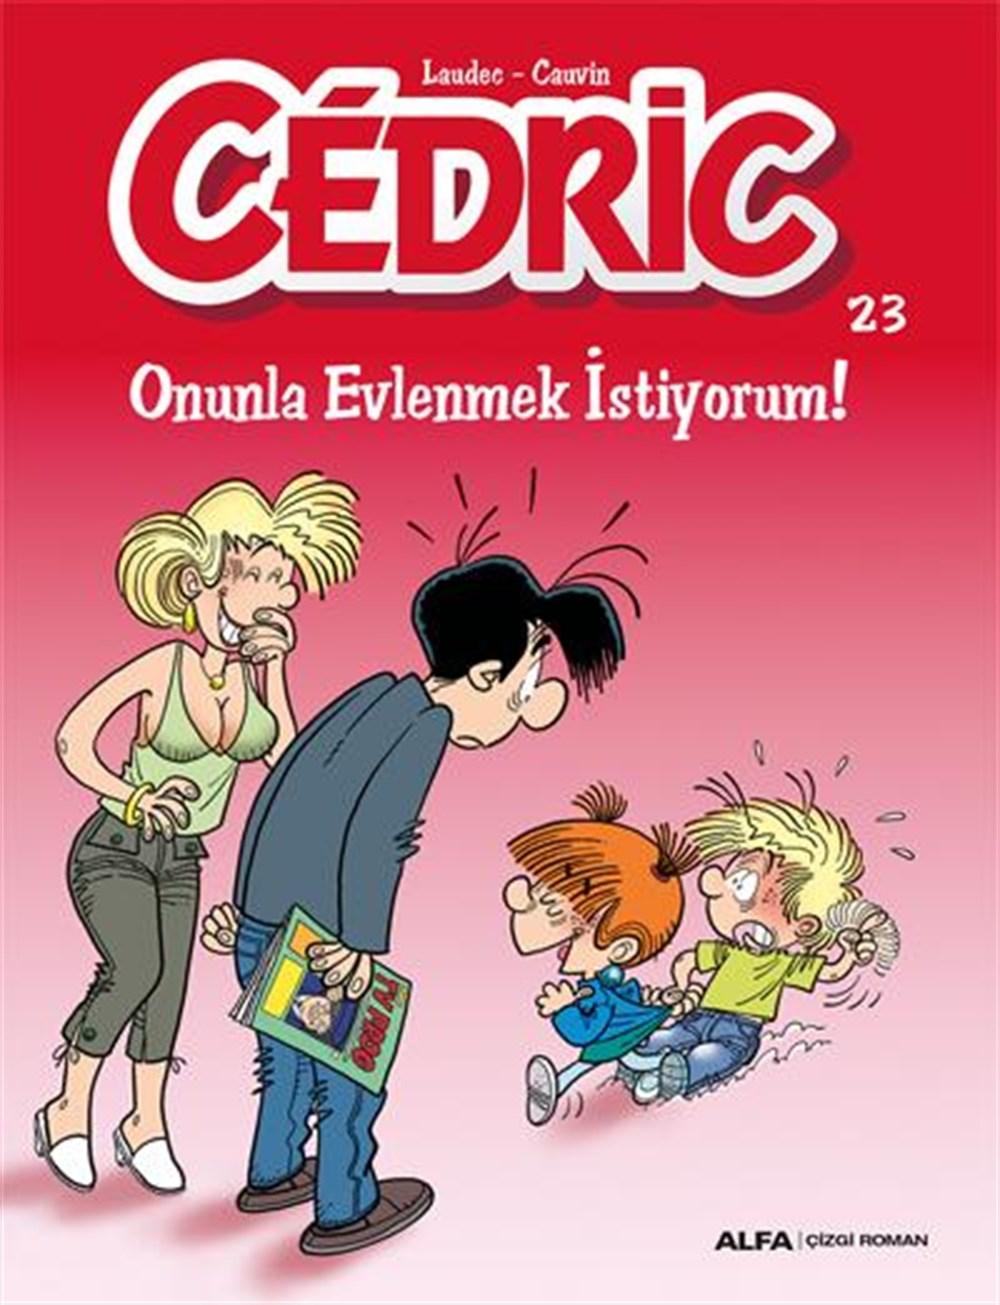 Cedric 23 - Onunla Evlenmek İstiyorum